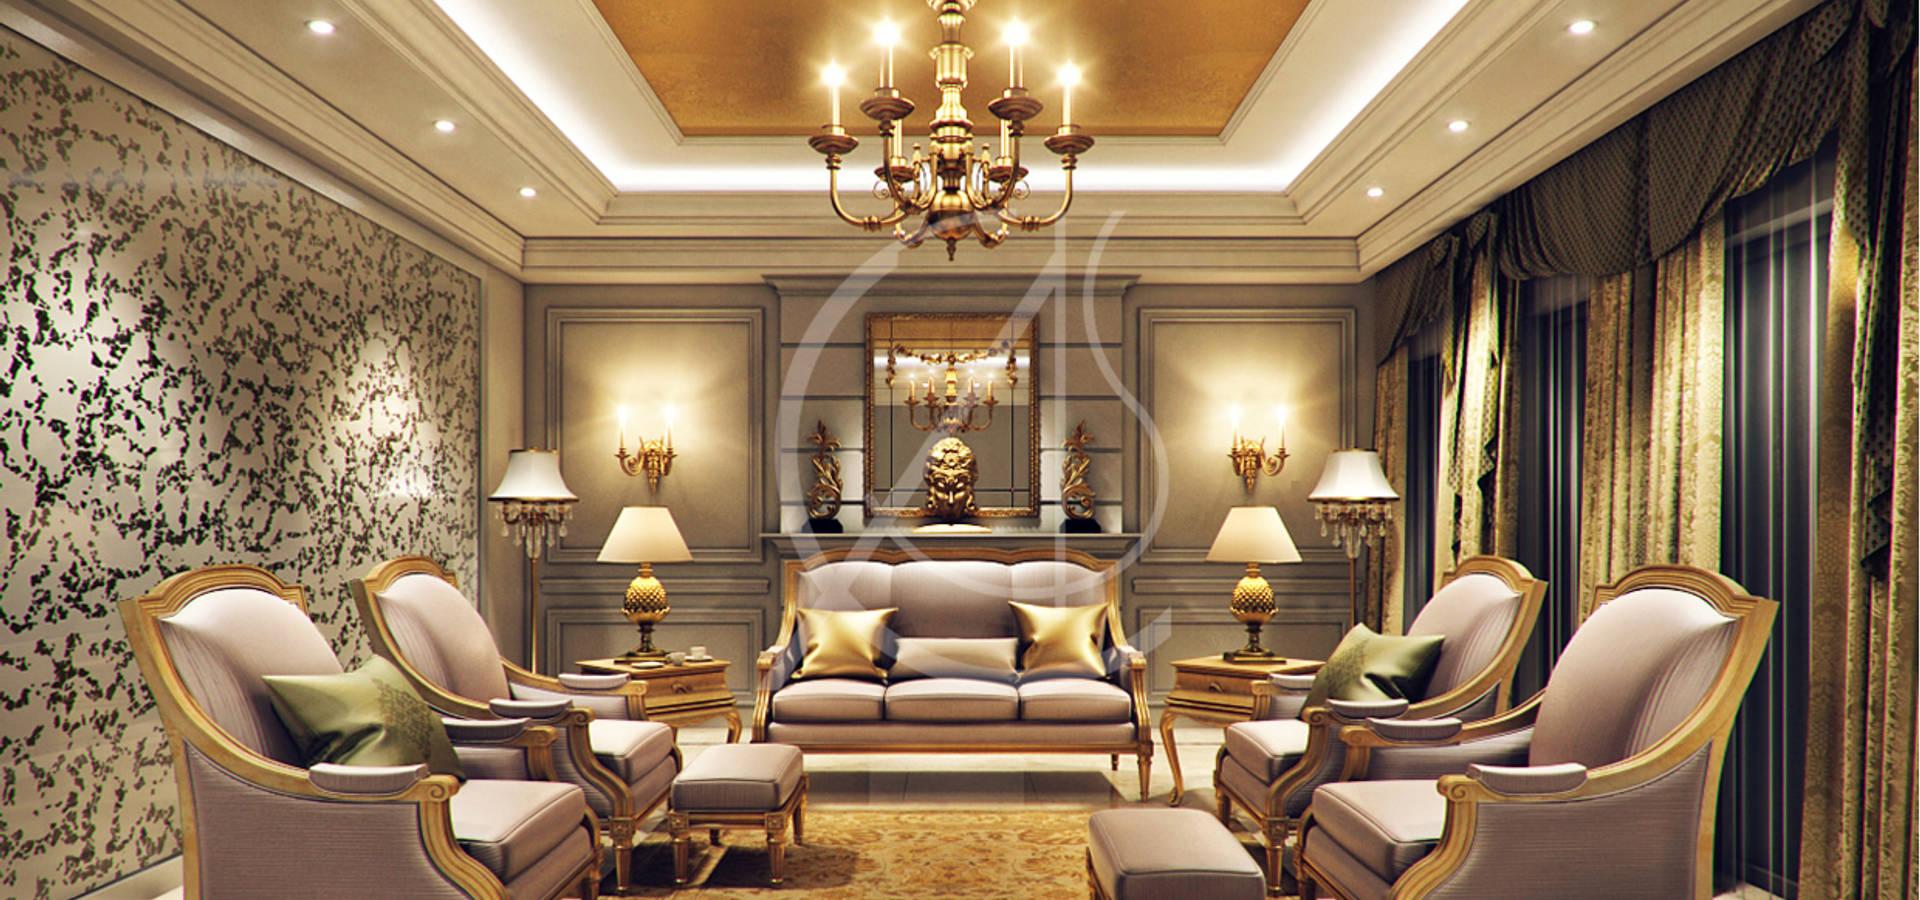 Modern classic villa interior design por comelite for Villa veneta interior design